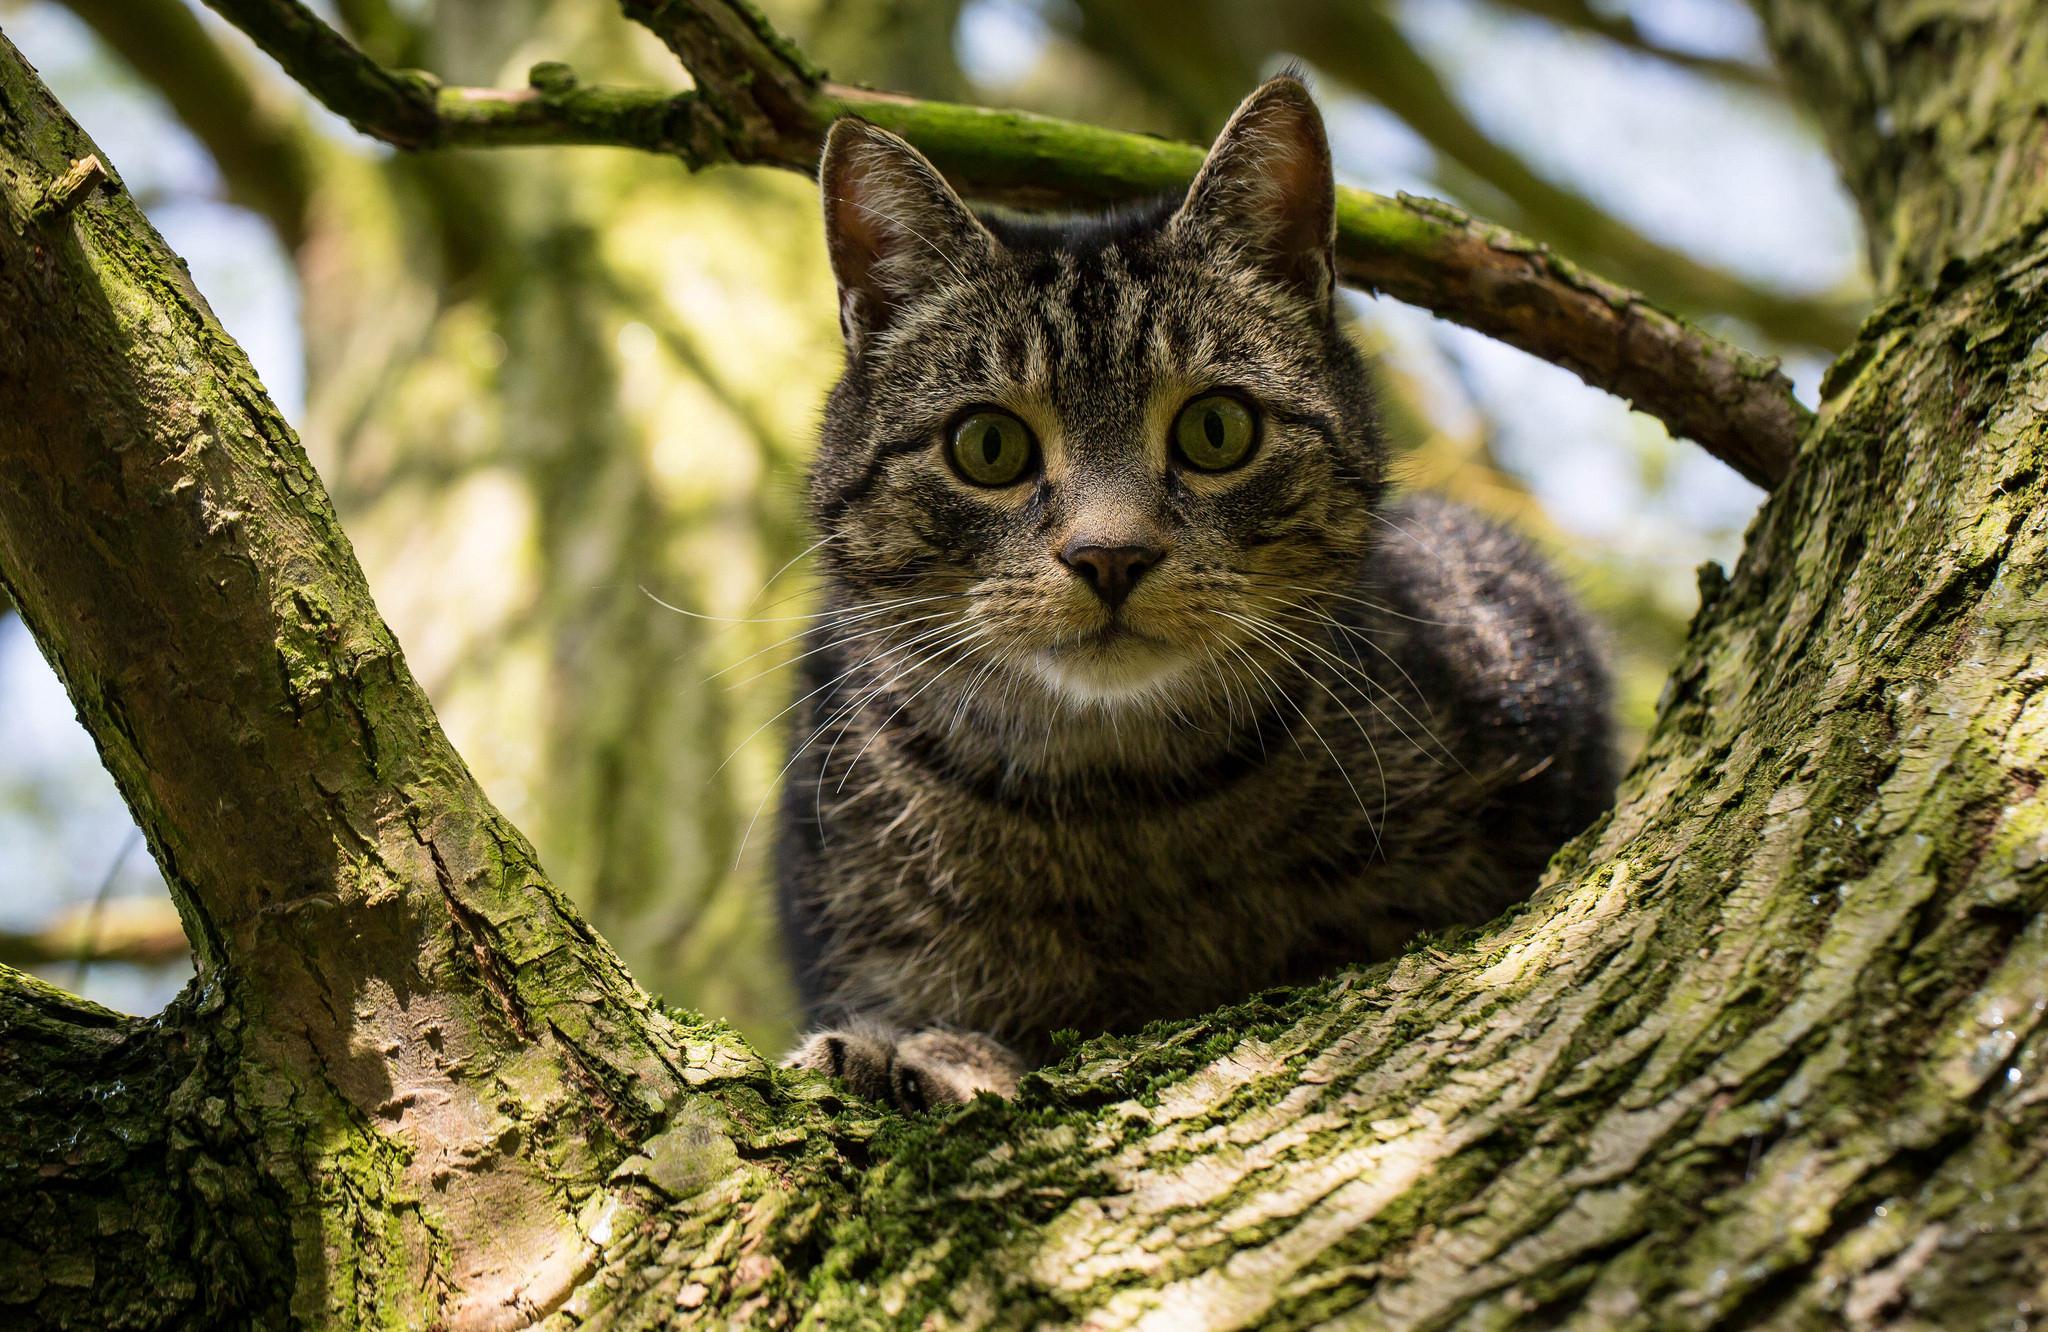 моему сожалению фото кошек на дереве операции